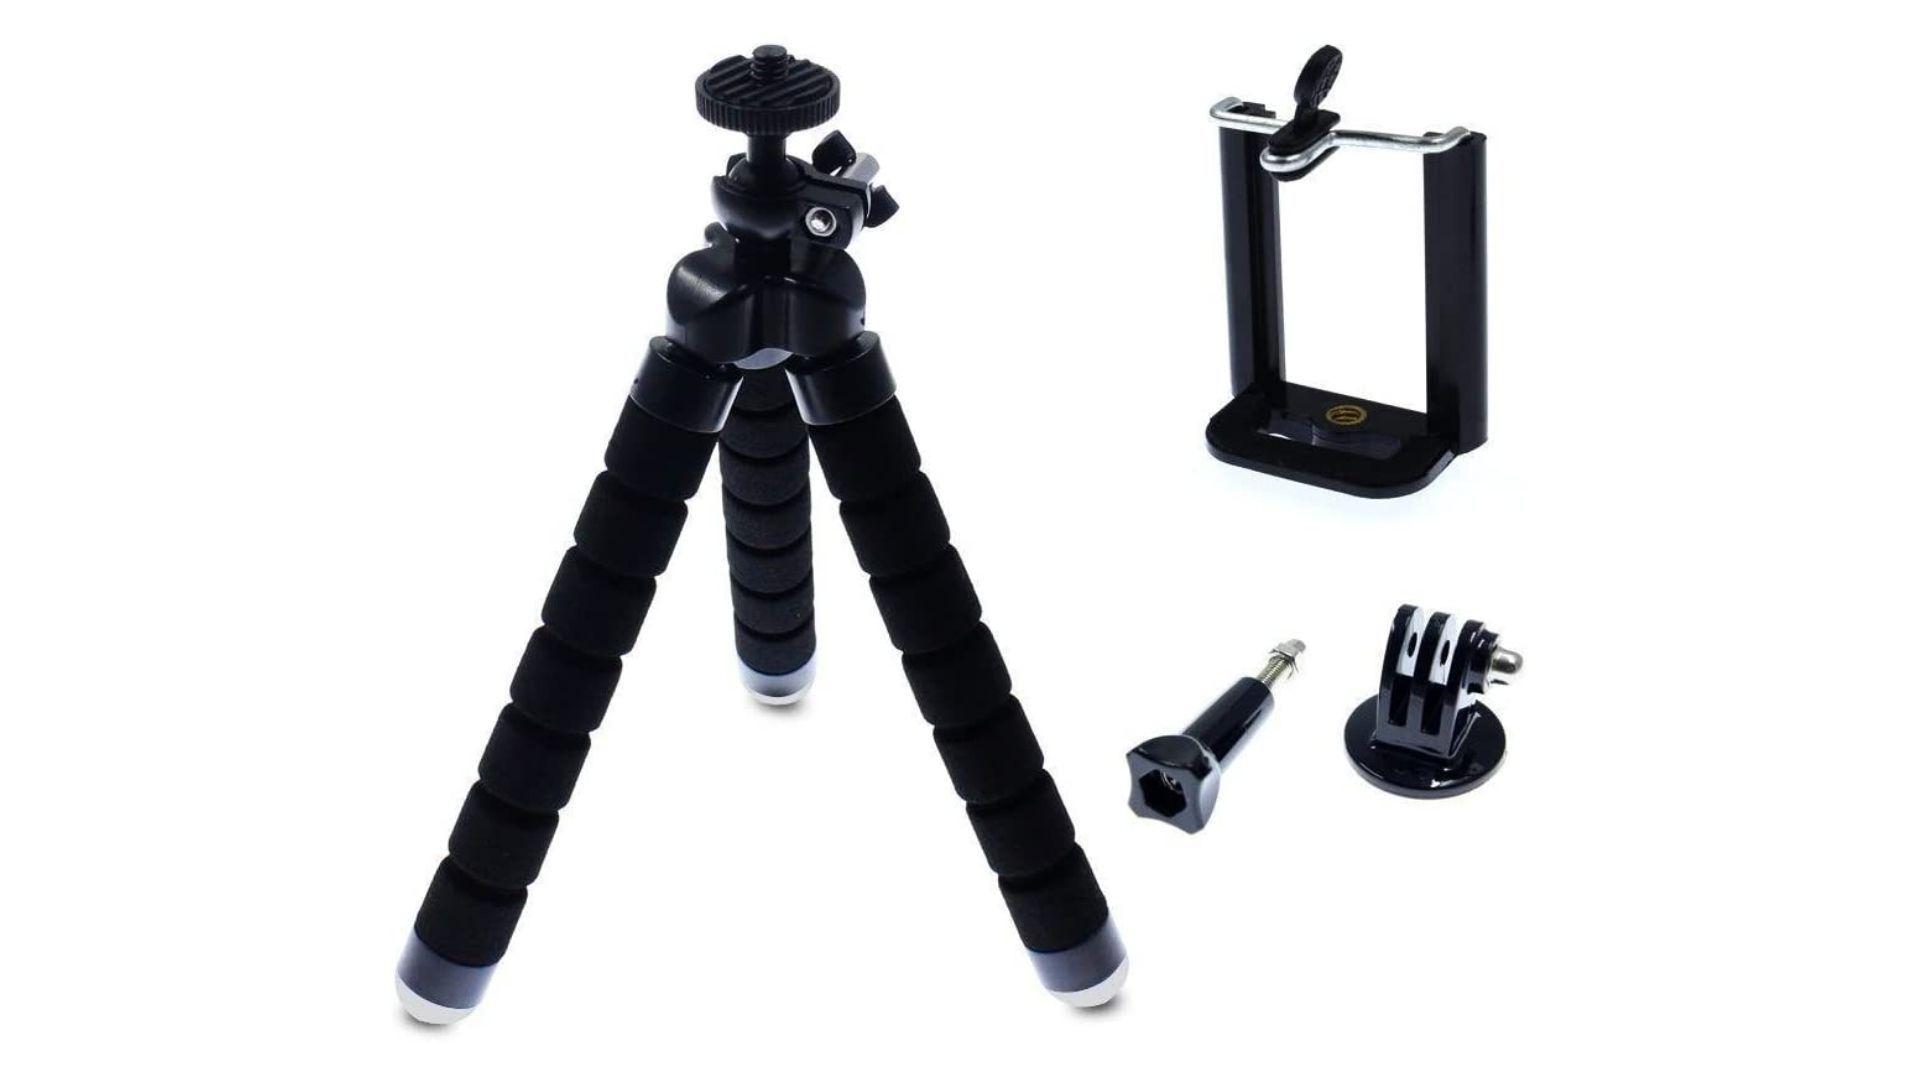 Tripé flexível GoPro Tripod pode ser carregado na mochila (Foto: Divulgação/Olist)